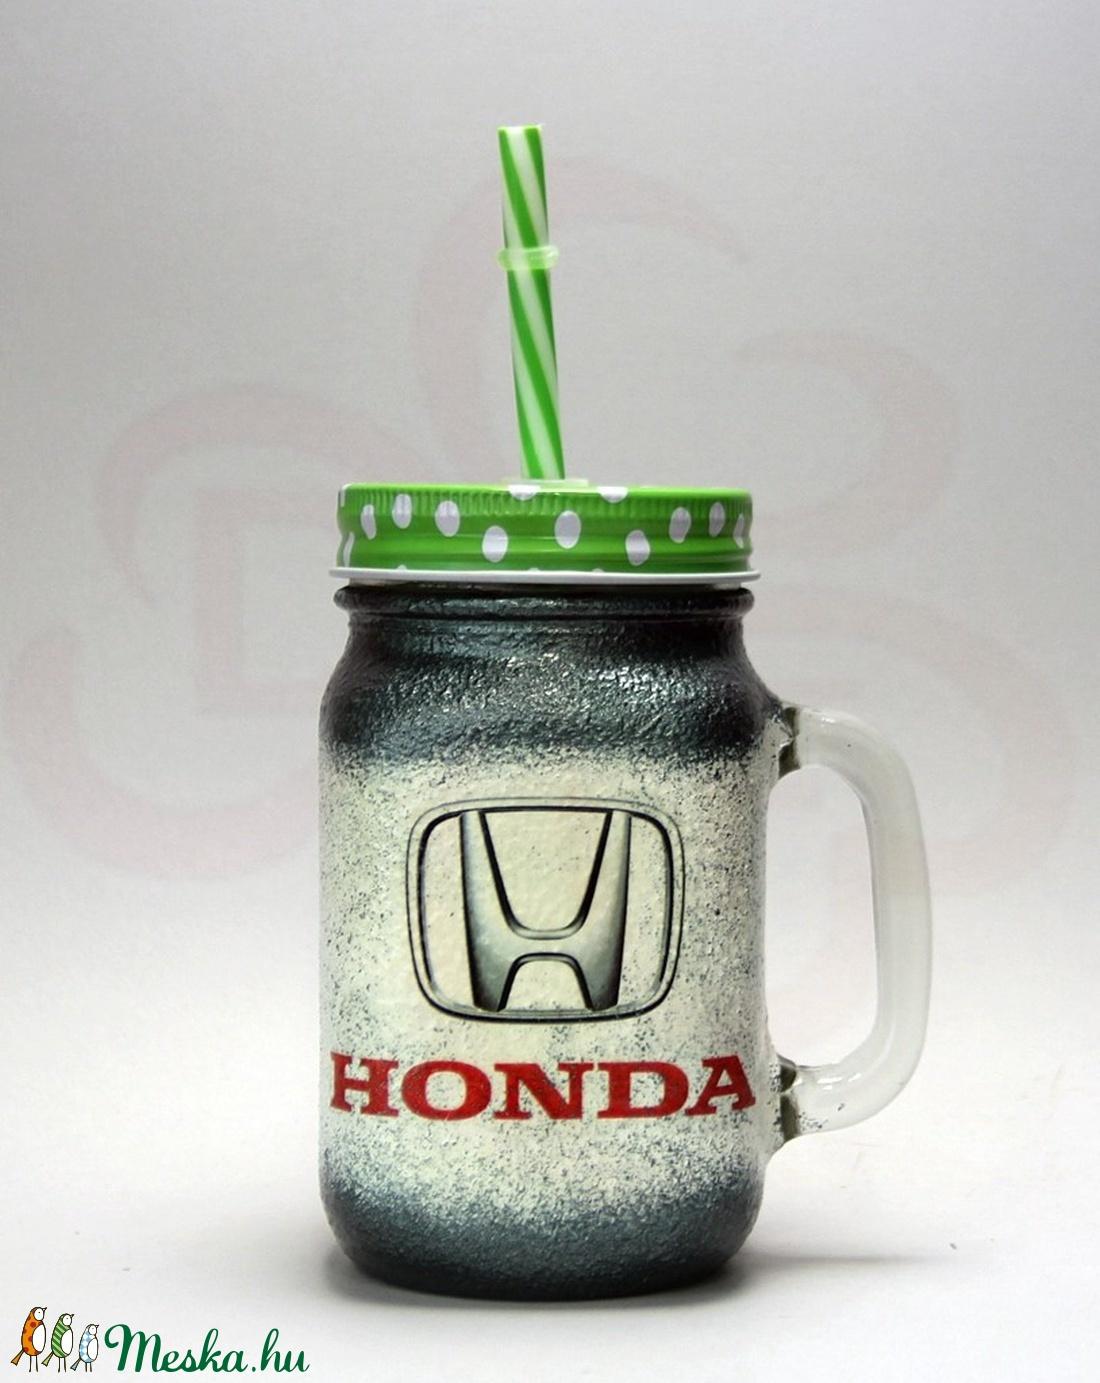 HONDA bögre ; Saját Honda autód fotójával is  - Meska.hu